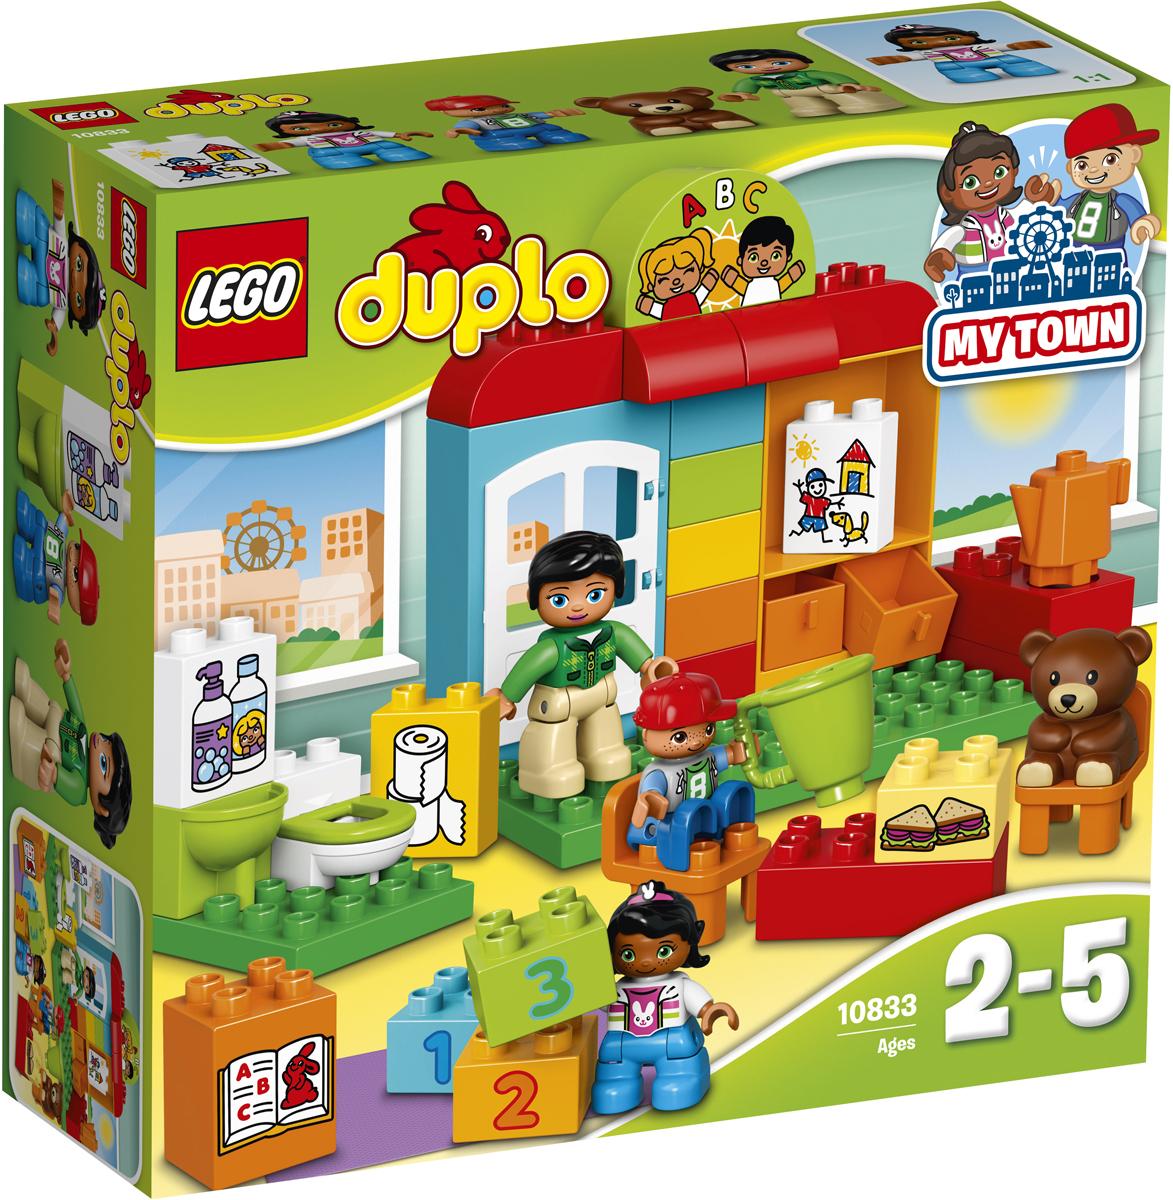 LEGO DUPLO Конструктор Детский сад 1083310833Разыгрывайте реальные сценарии из жизни с помощью LEGO DUPLO: создавайте узнаваемый мир с новыми фигурками DUPLO. С этим красочным набором и серии DUPLO малыши будут рады в деталях рассказать вам о своём дне в детском саду, начиная с игр на коврике и обеда и заканчивая гигиеническими процедурами и уборкой. Помогите своему ребенку учиться и поощряйте освоение им навыков ролевой игры. В набор входят три минифигурки DUPLO.